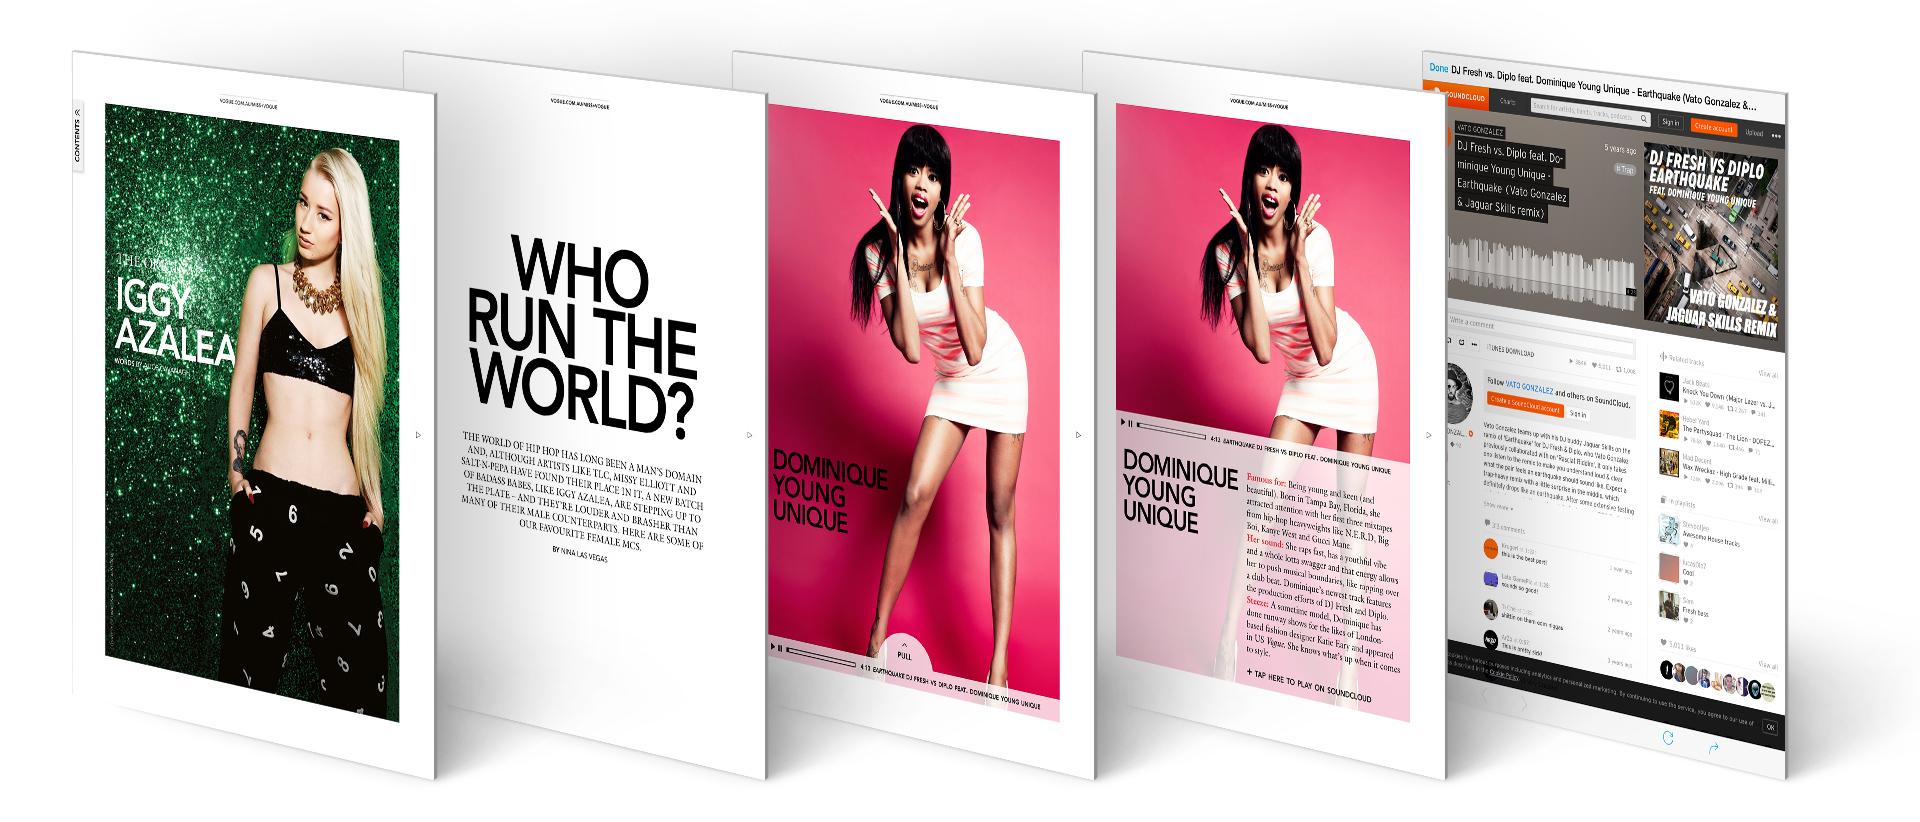 Miss_Vogue_3.jpg